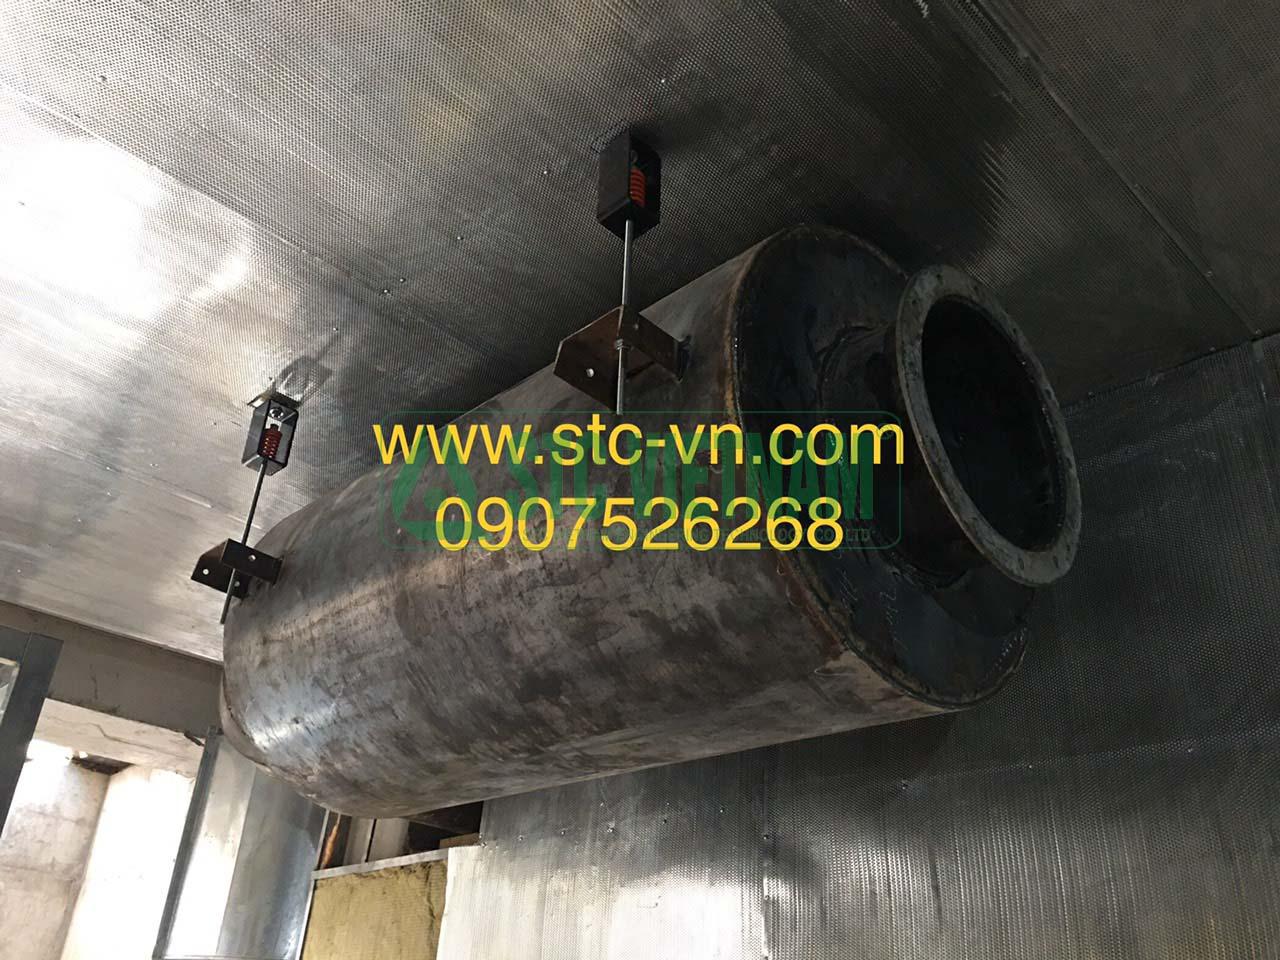 Ống pô tiêu âm thứ cấp máy phát điện MTU 2500 Kva